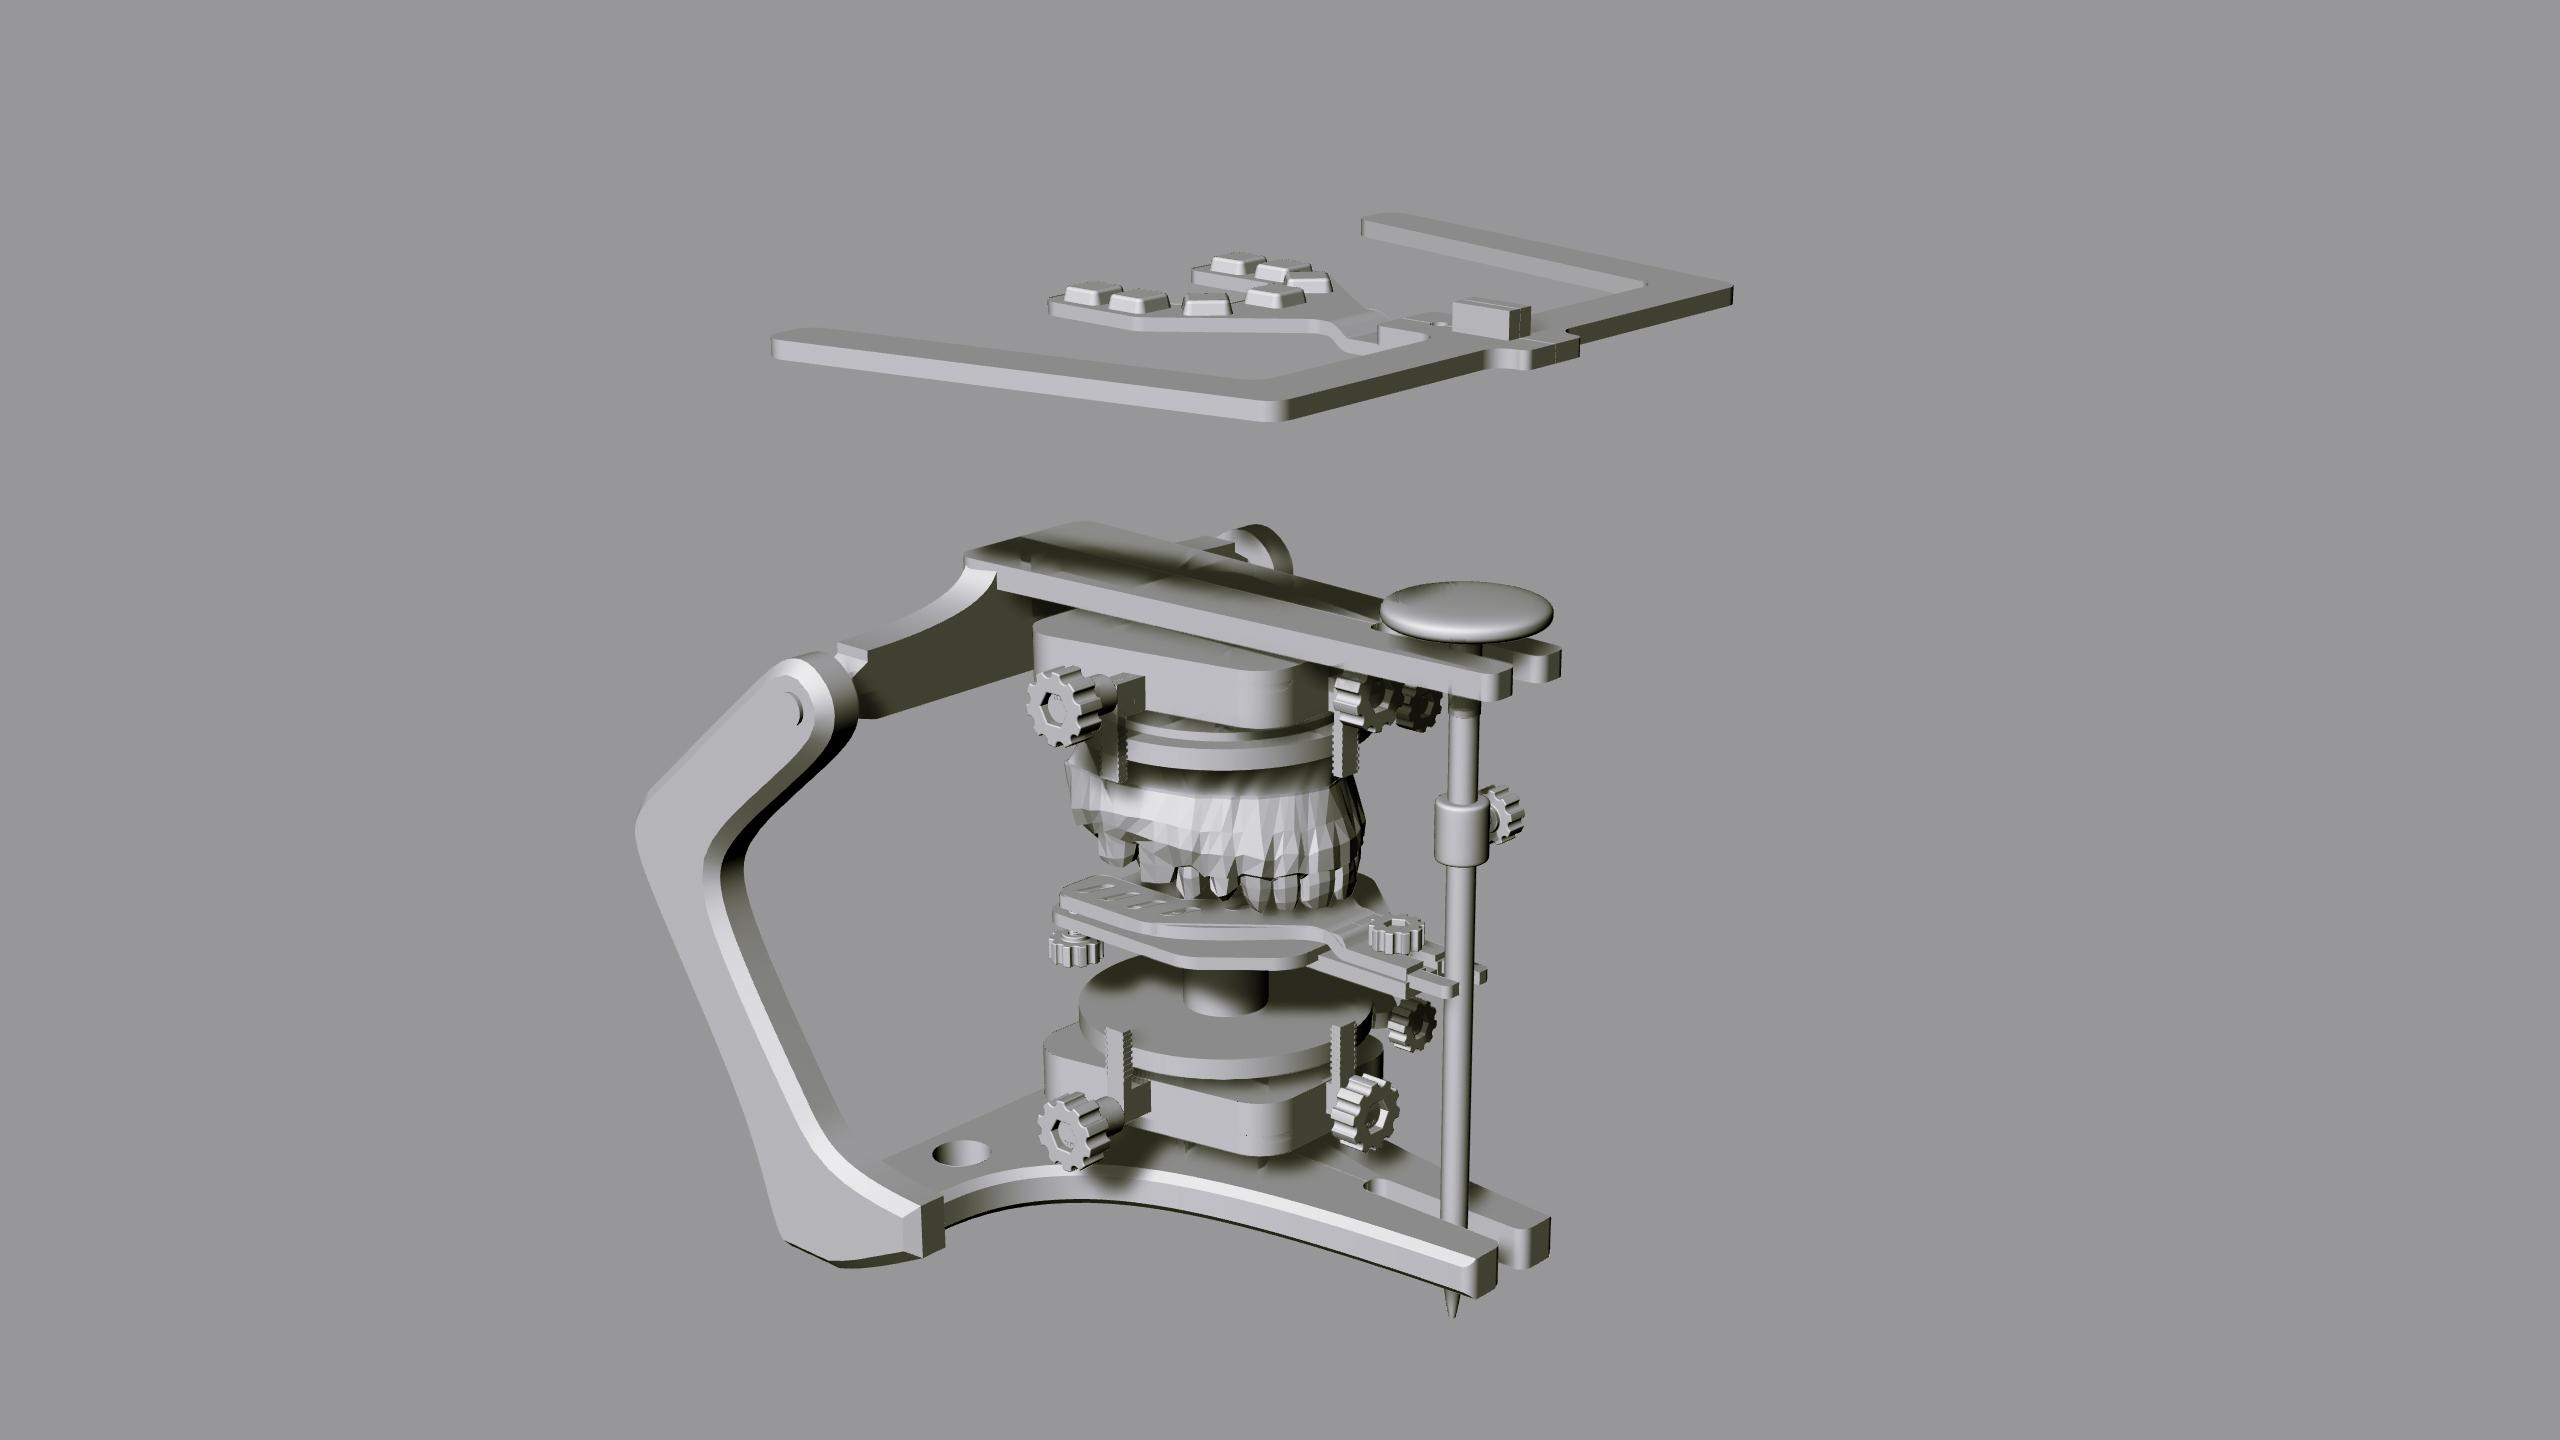 Design_di_attrezzatura_dentistica_per_Dr._Fausto_Sommovigo-Studio_B19